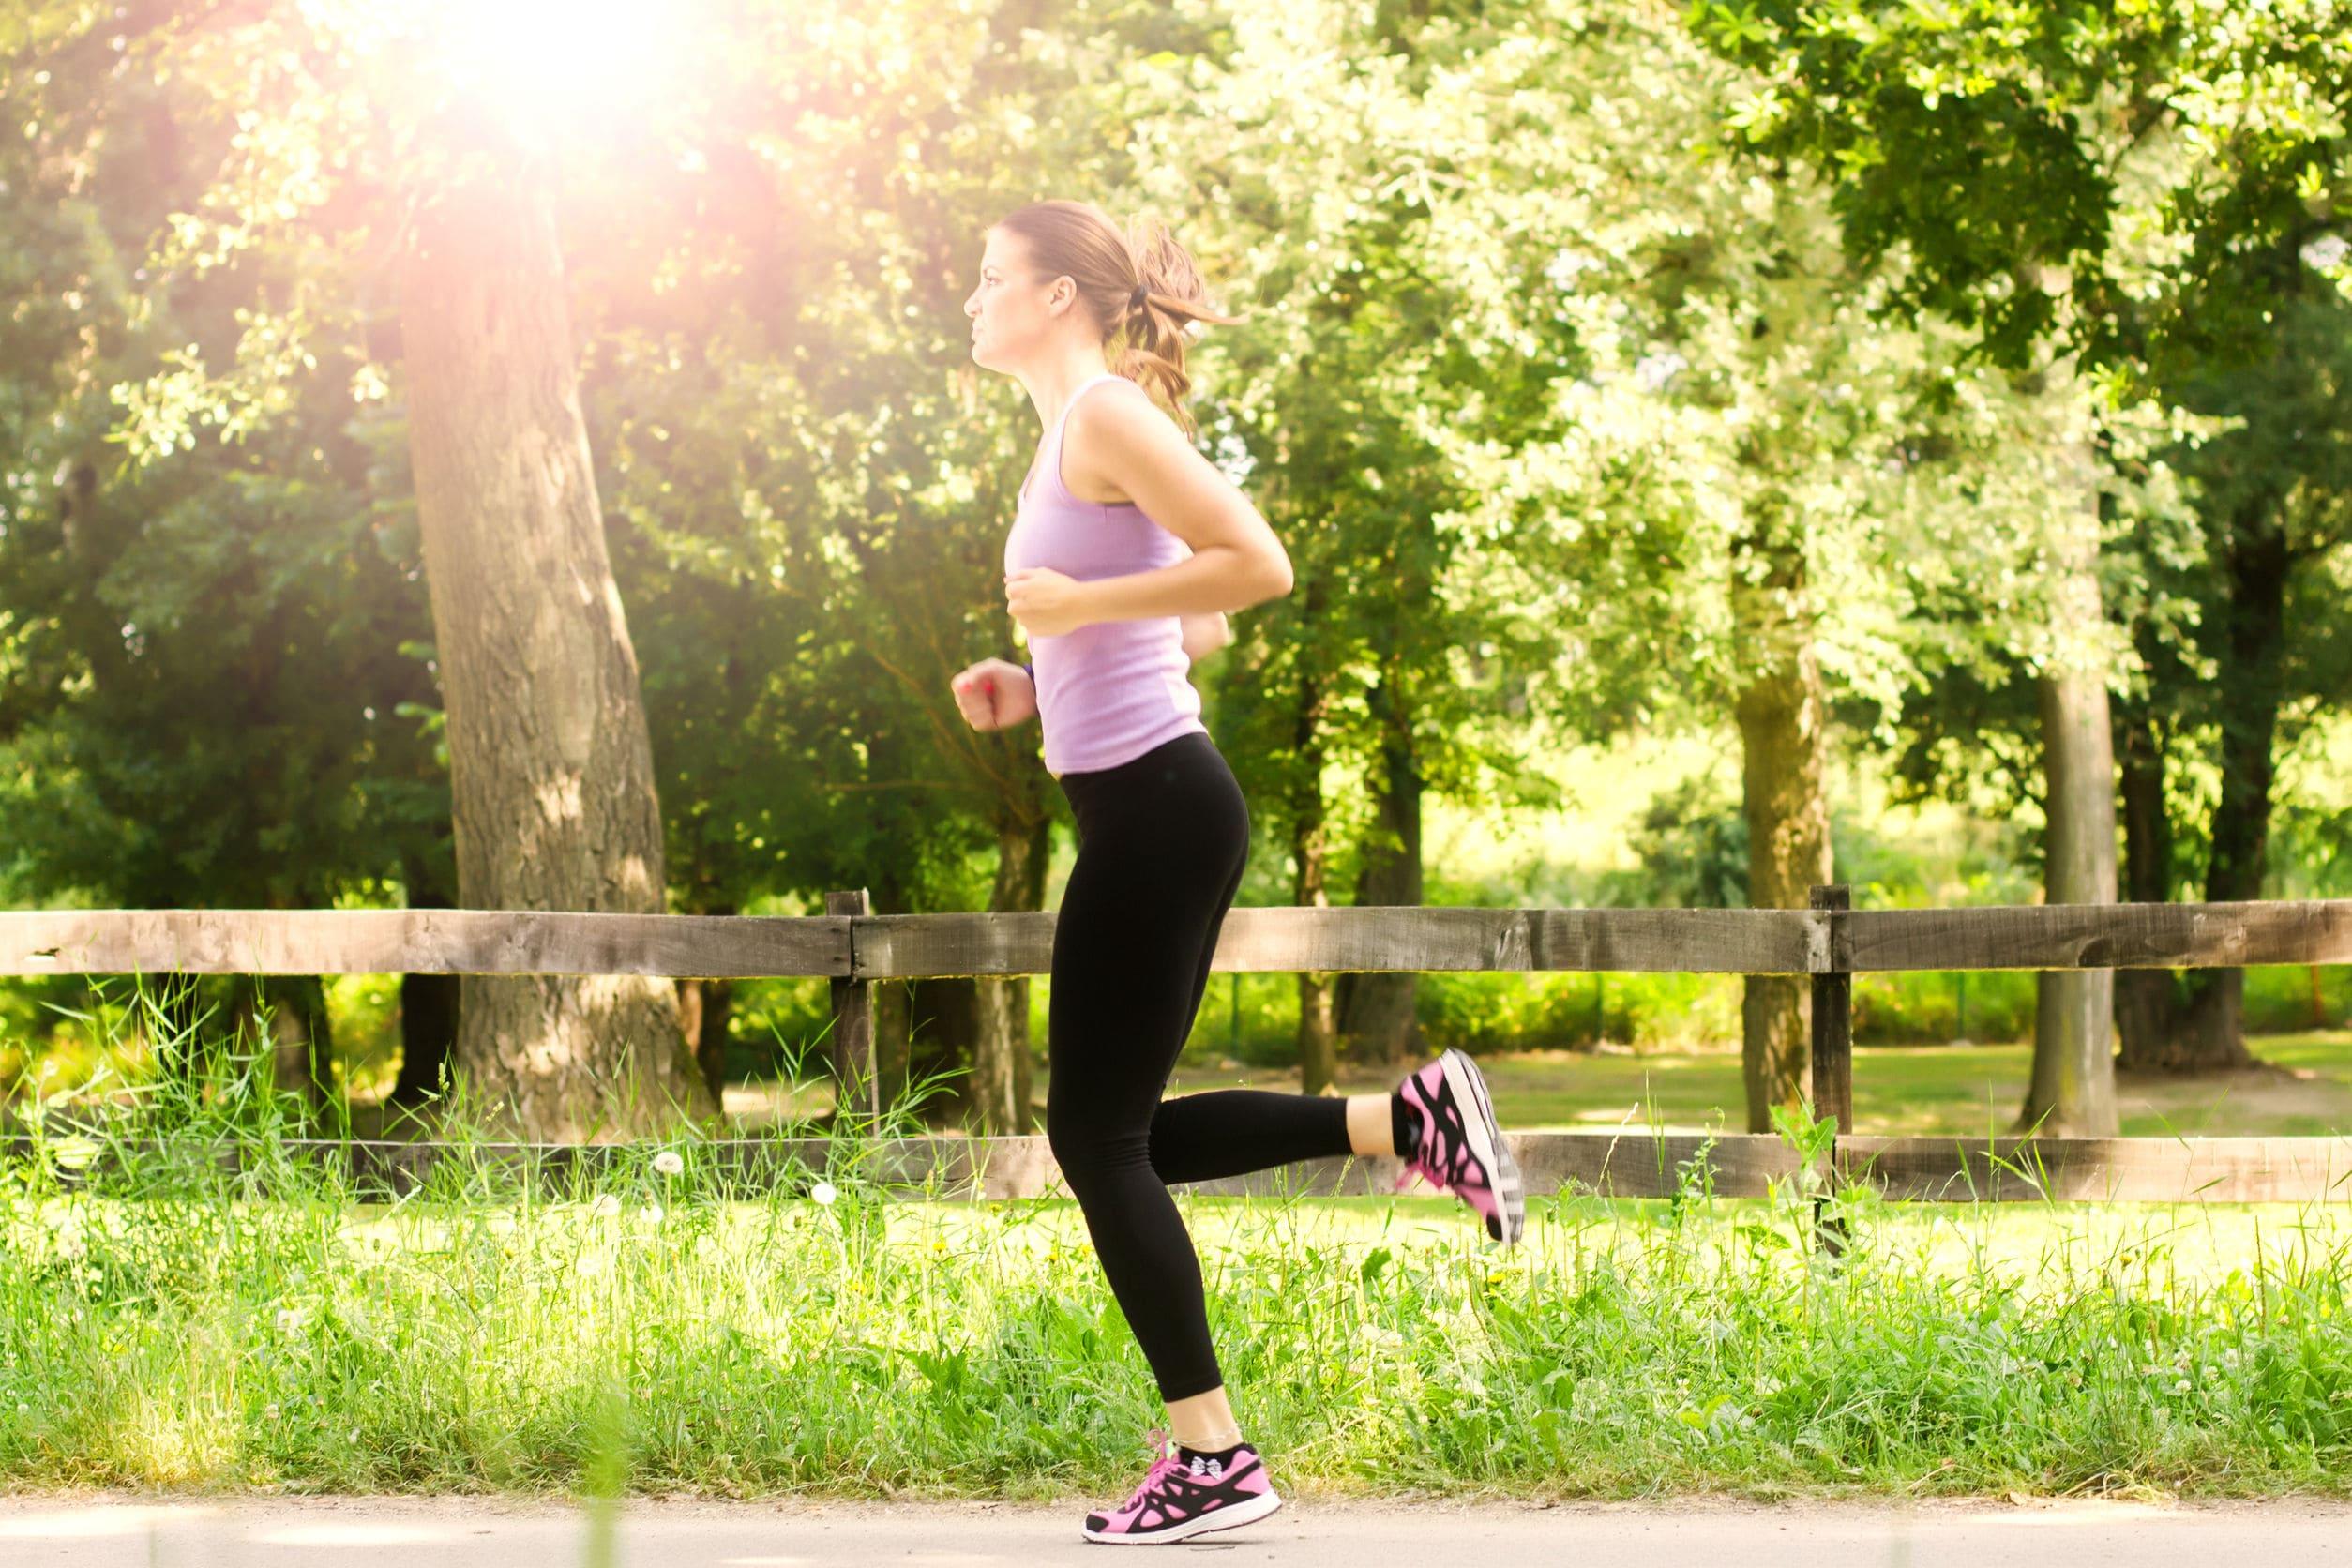 確実に痩せるダイエット方法運動